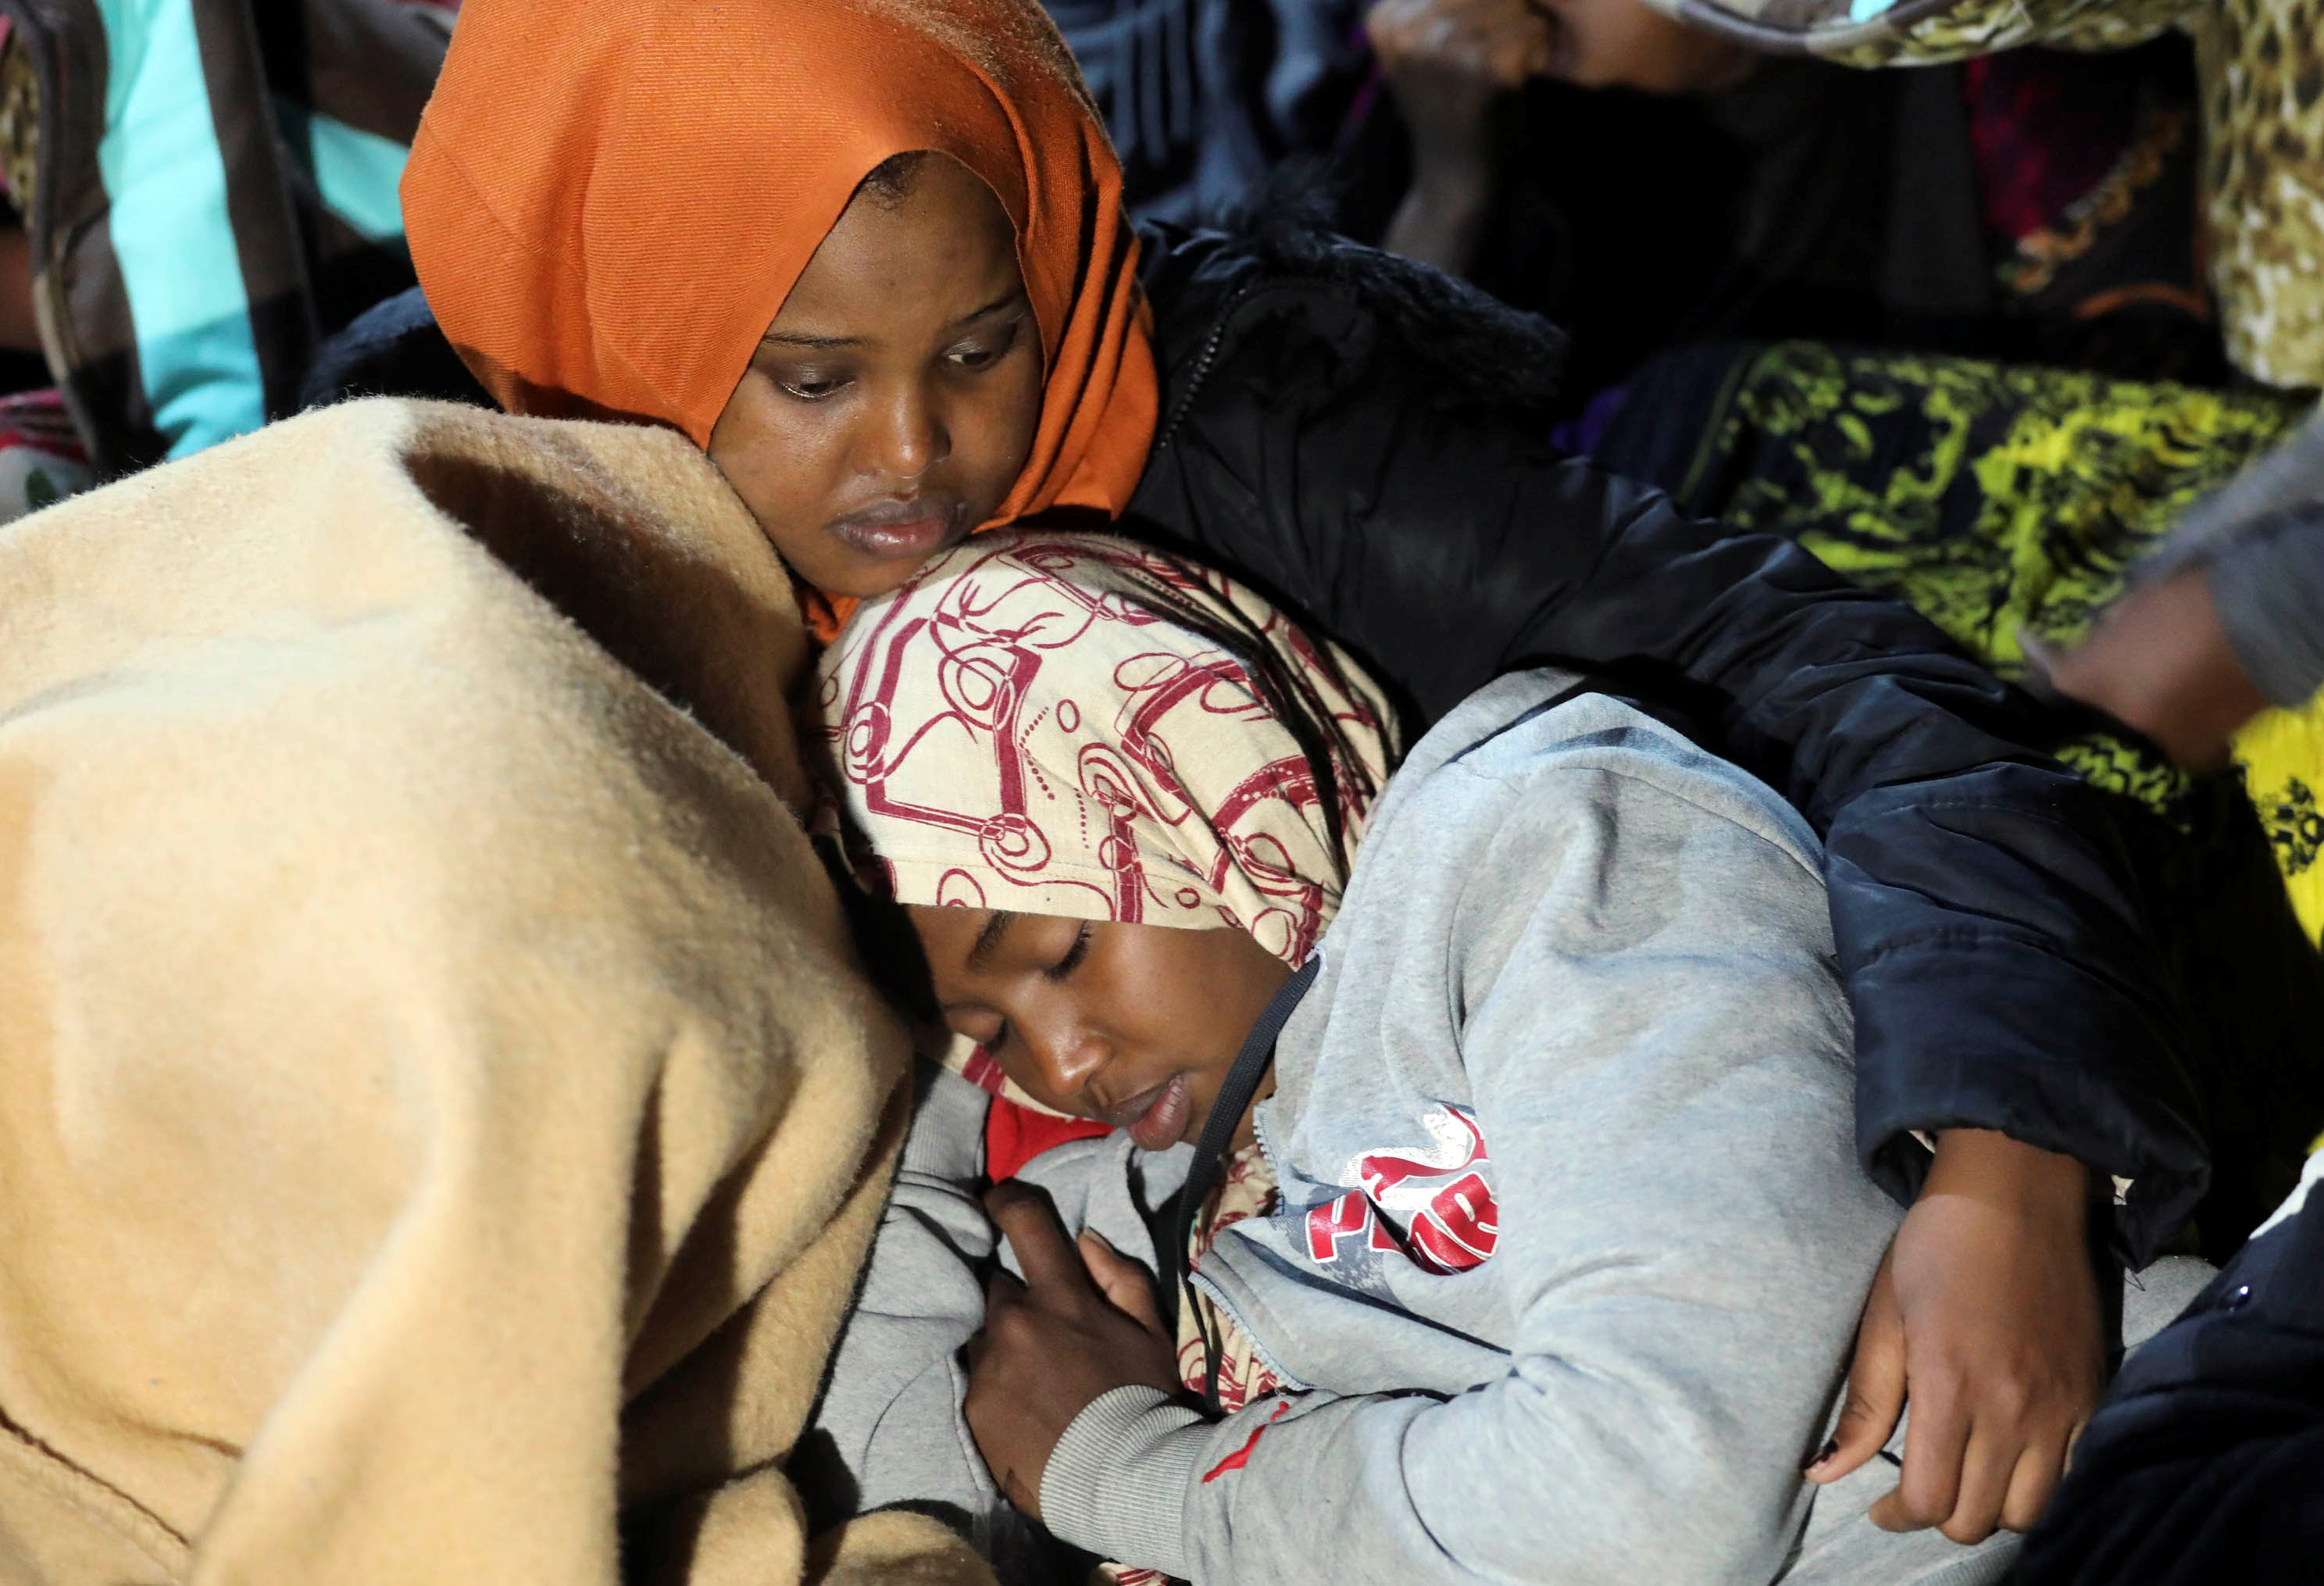 الهجرة غير شرعية